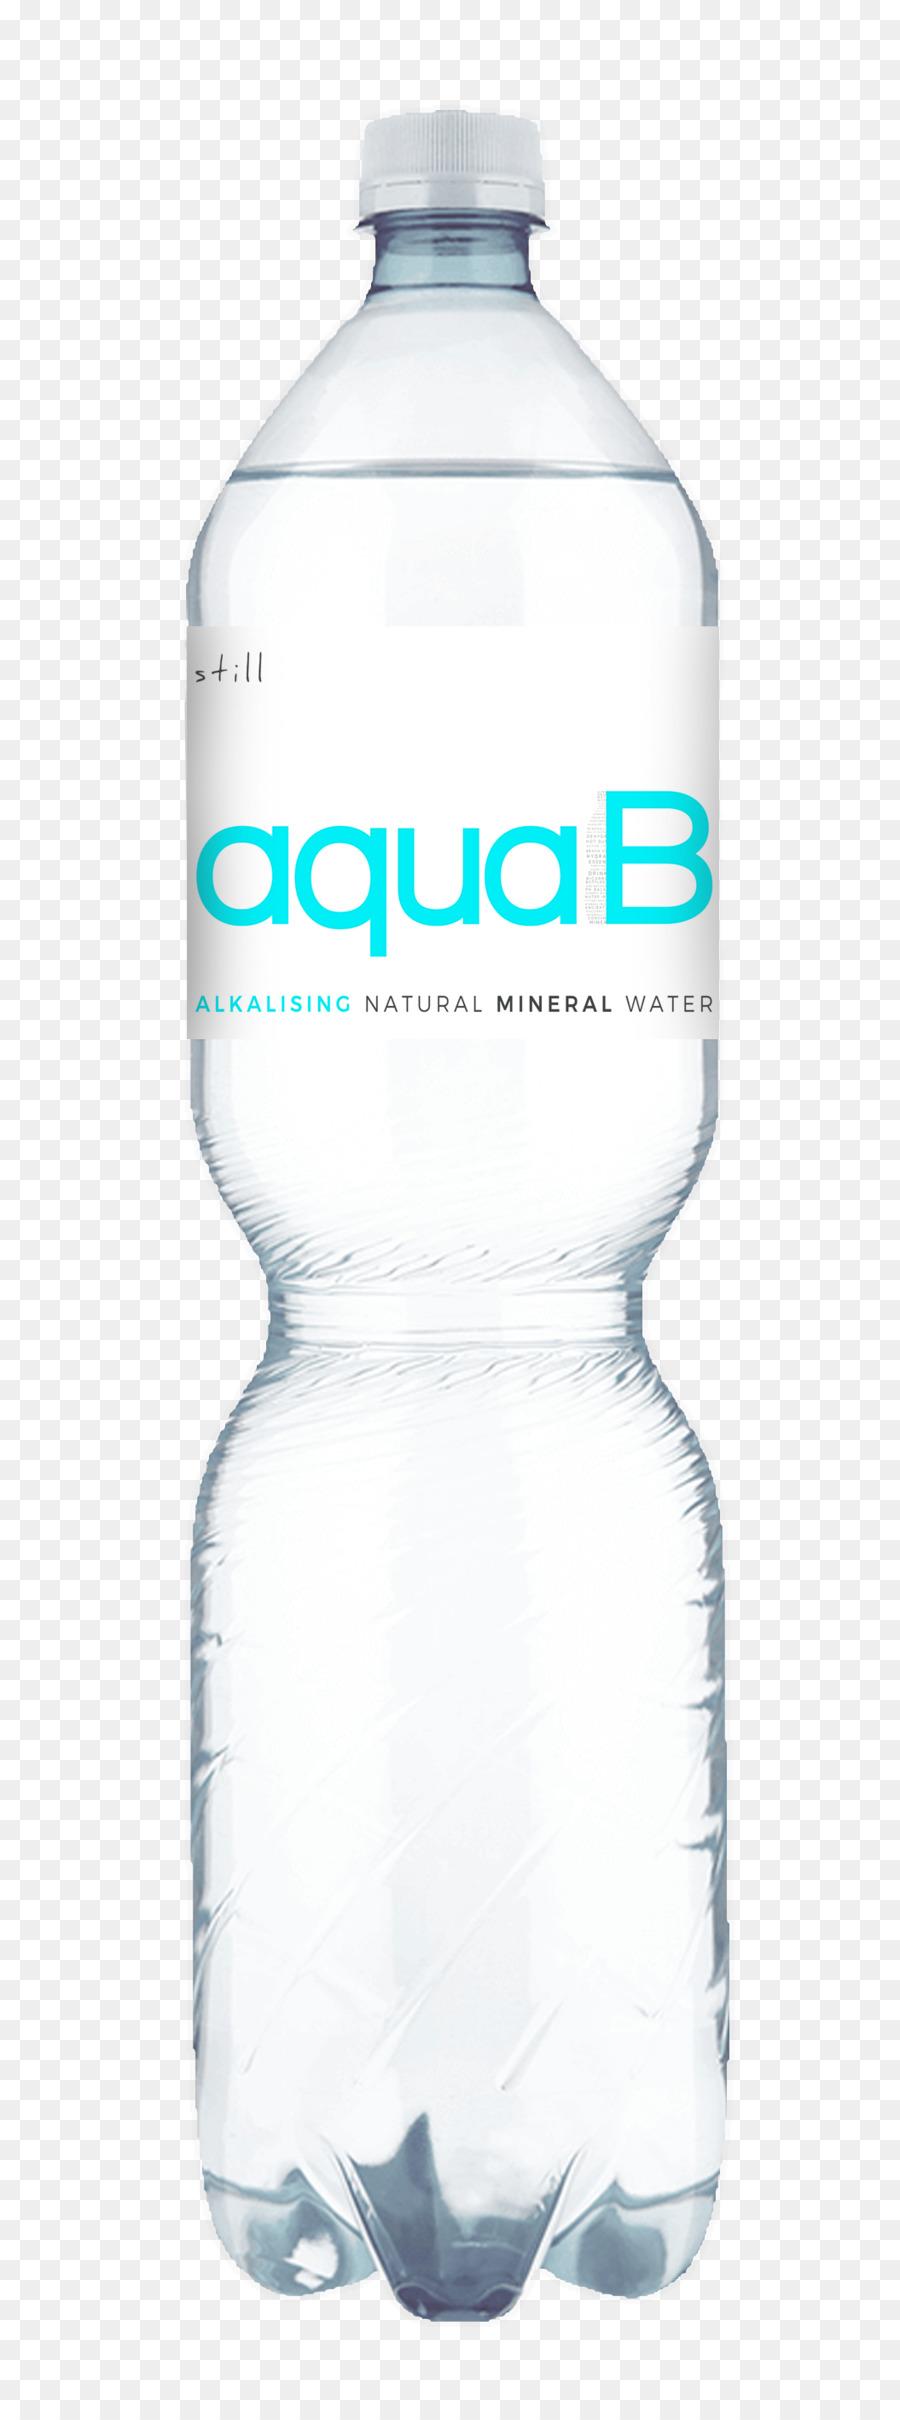 Descarga gratuita de Botellas De Agua, Agua Mineral, Botella De Plástico imágenes PNG